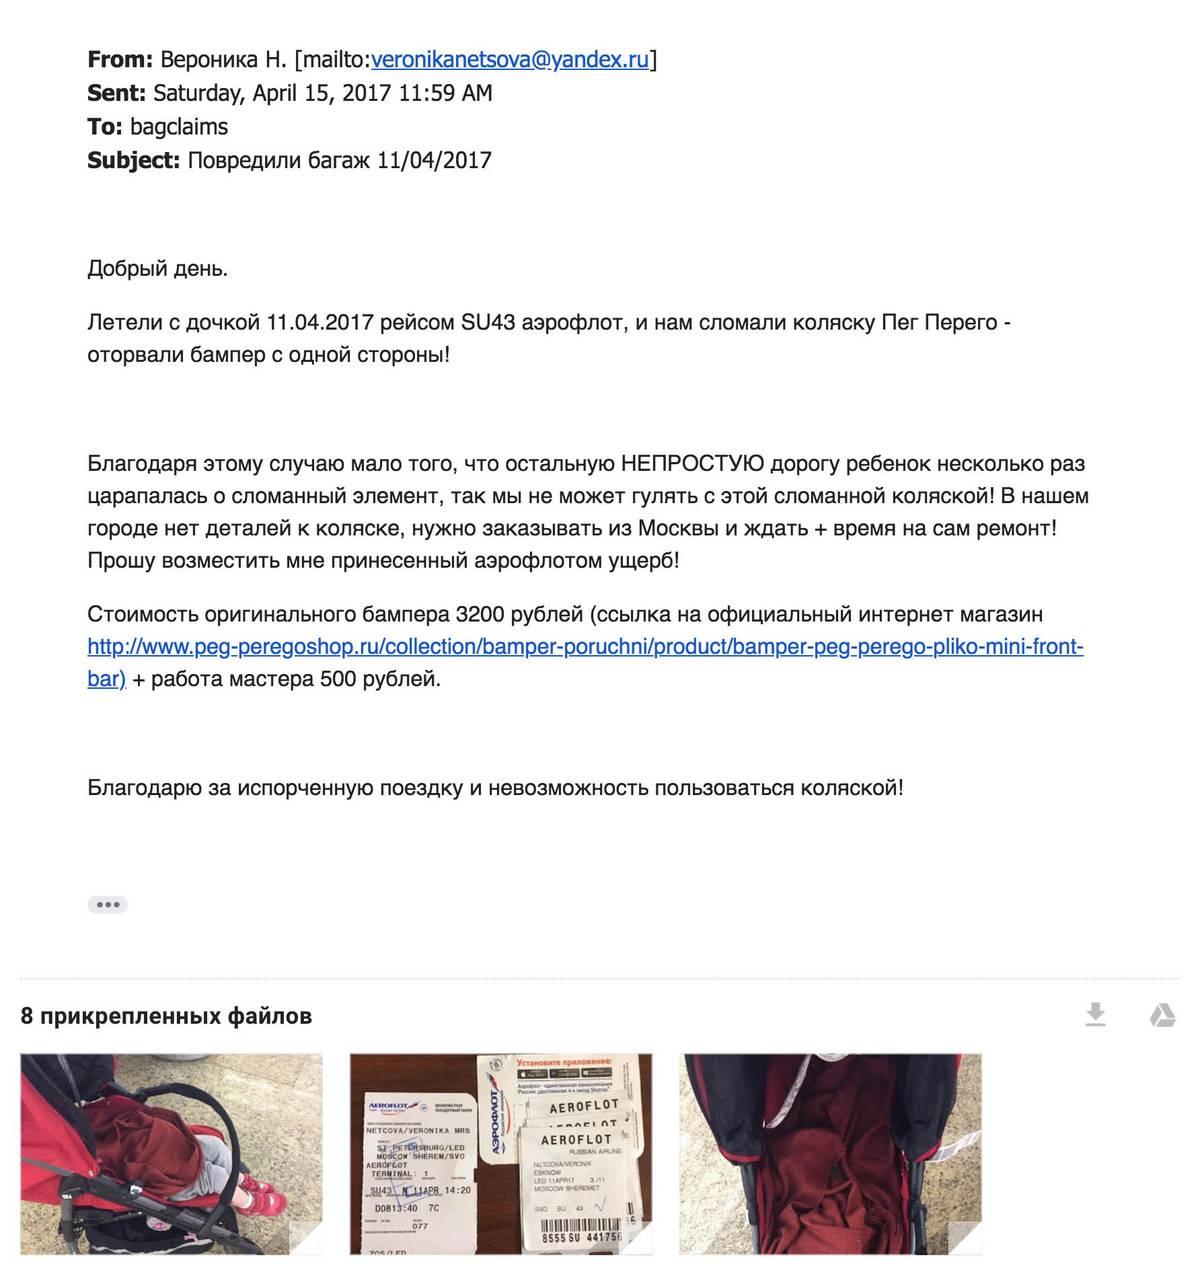 Скрин письма, которое я отправила «Аэрофлоту» через несколько дней после полета